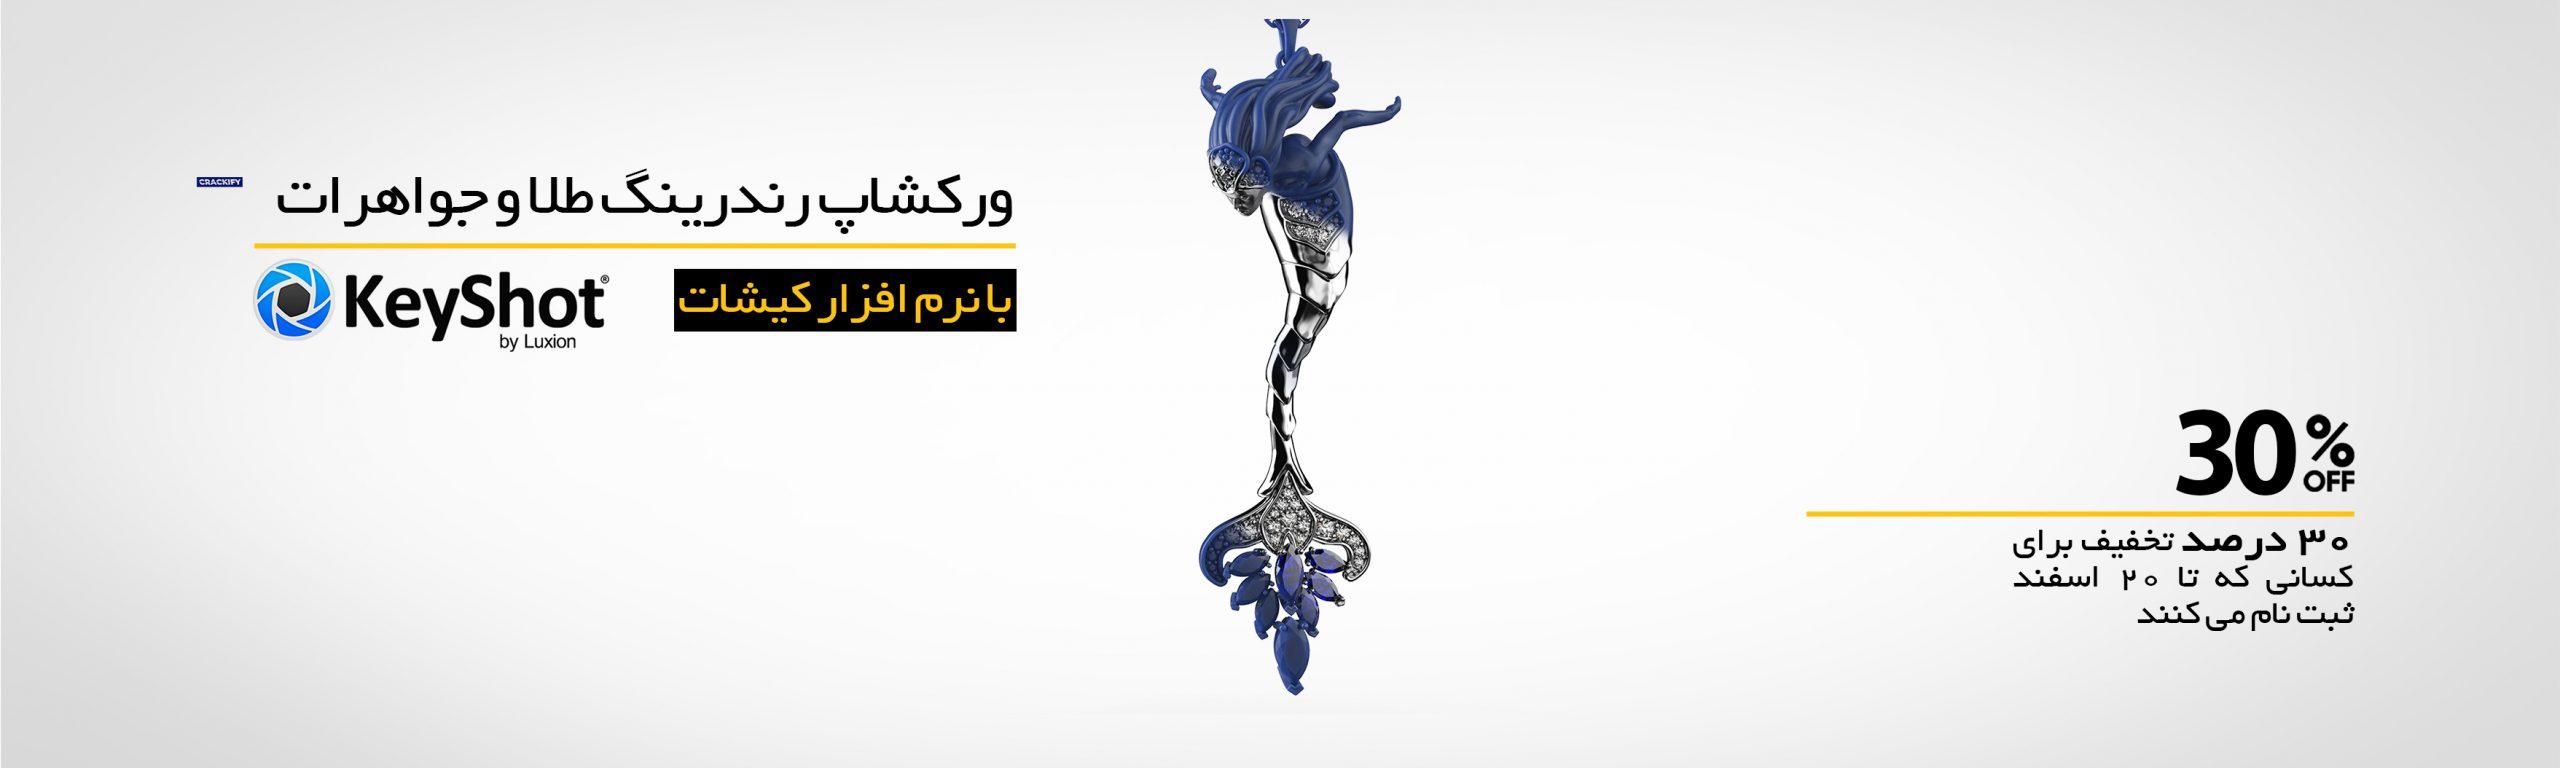 ورکشاپ رندرینگ طلا و جواهرات در کیشات keyshot | آموزش طراحی طلا و جواهر